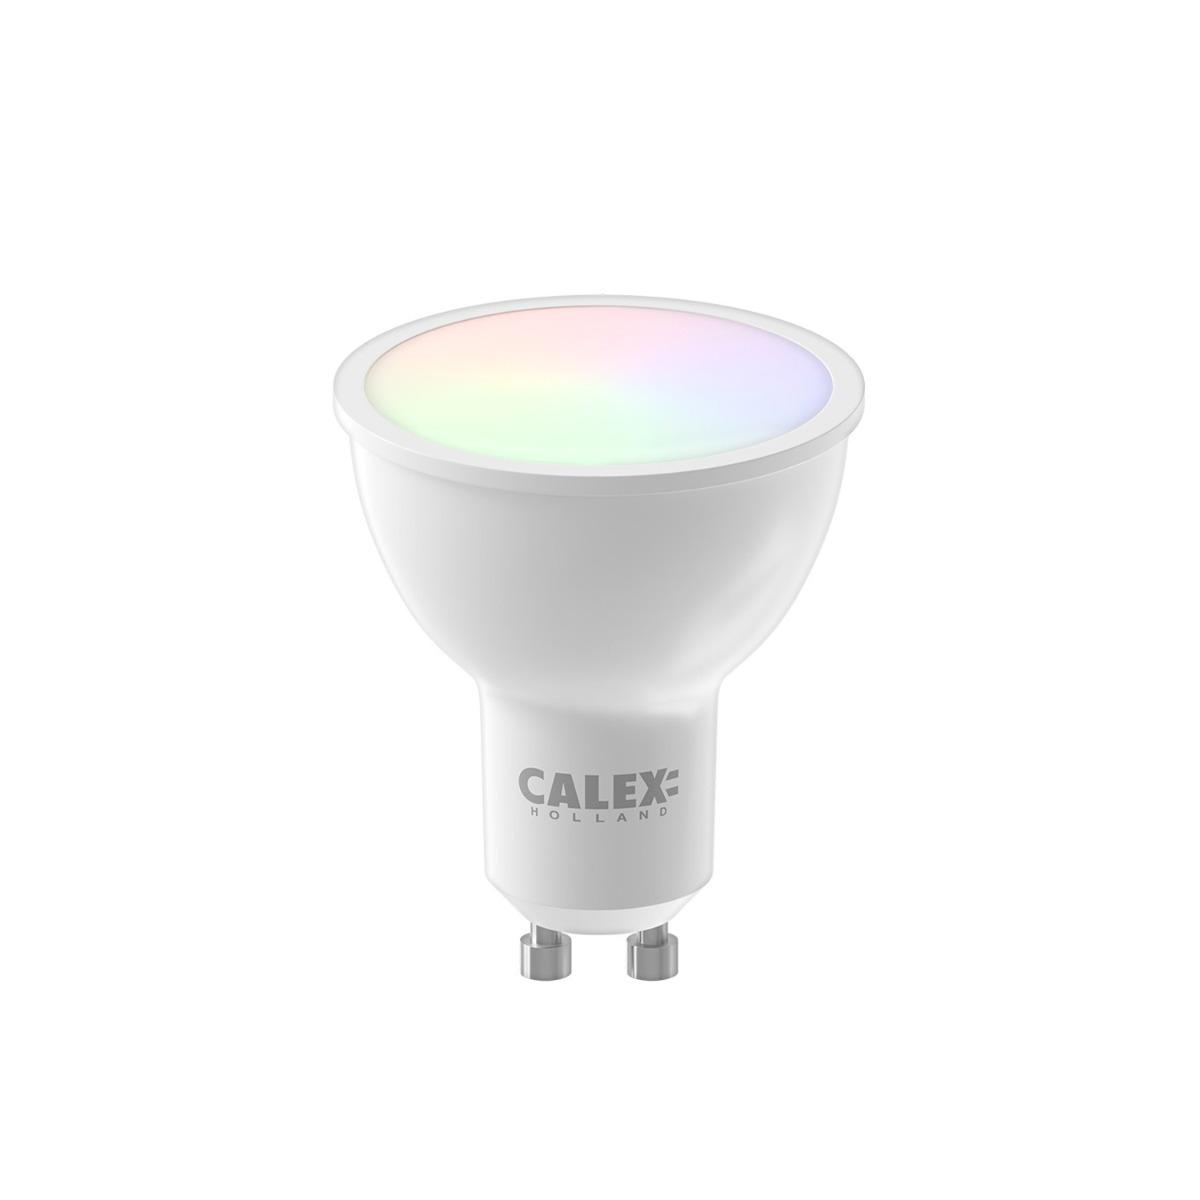 Bilde av Calex Smart Reflektor Led Spot Gu10 5w 350lm 2200-4000k | Tuya Wifi - Color Ambiance + Innstillbar Hvit